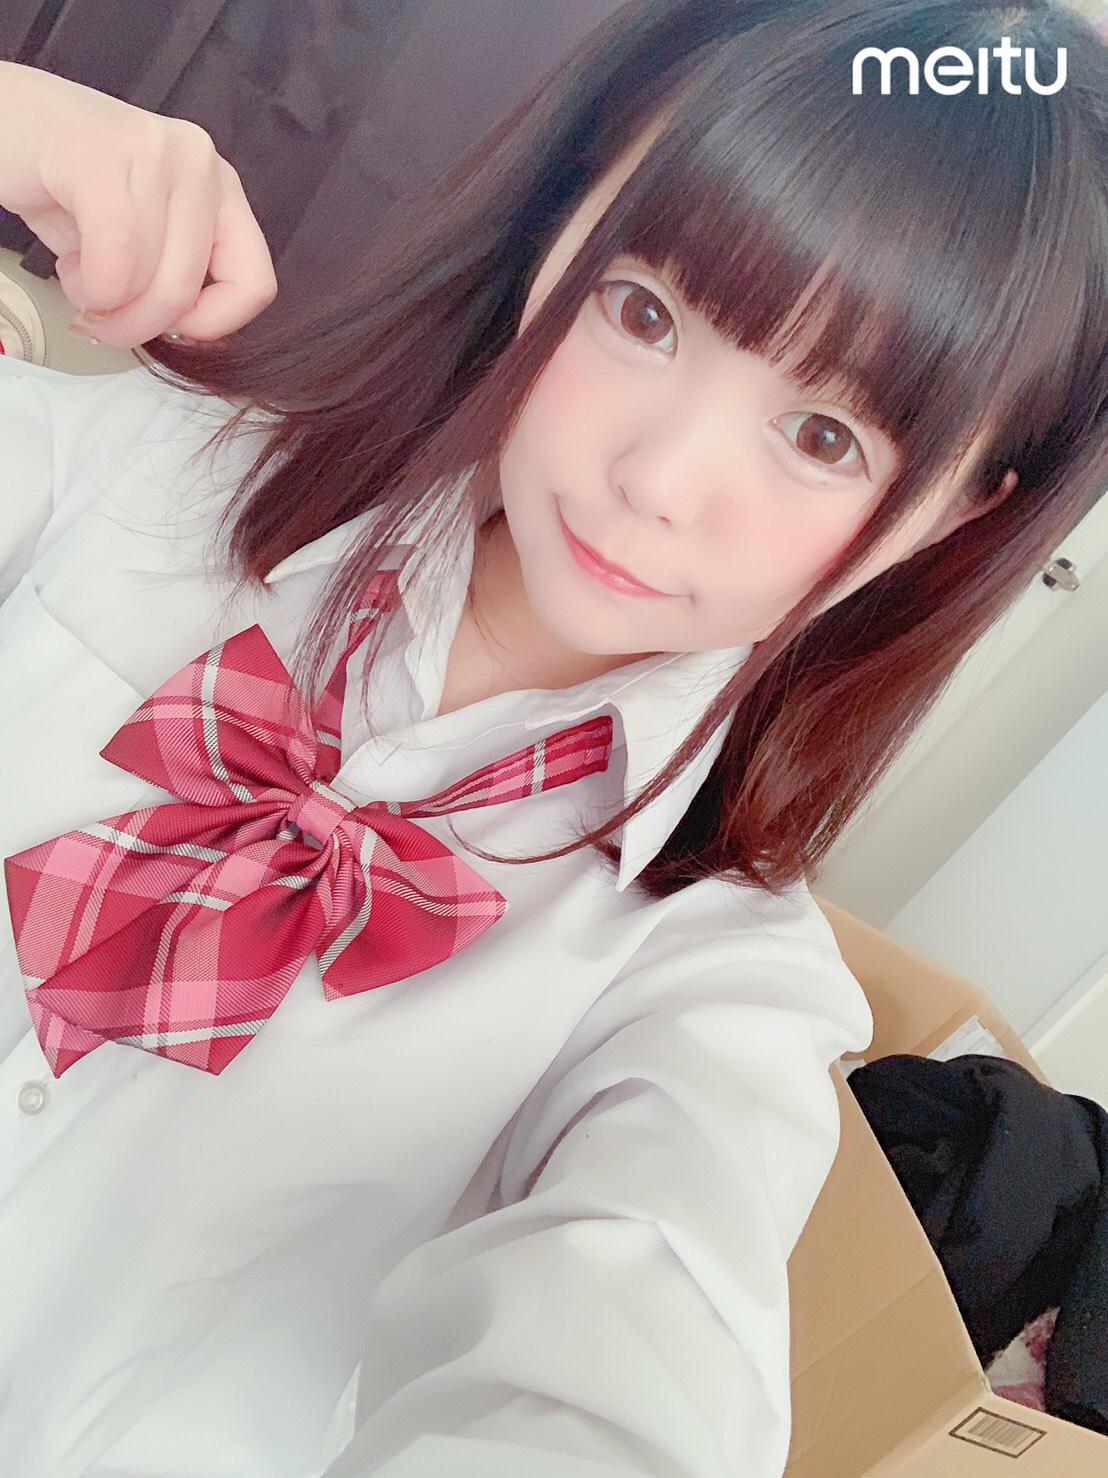 ゆみな-2/16 体入!!-